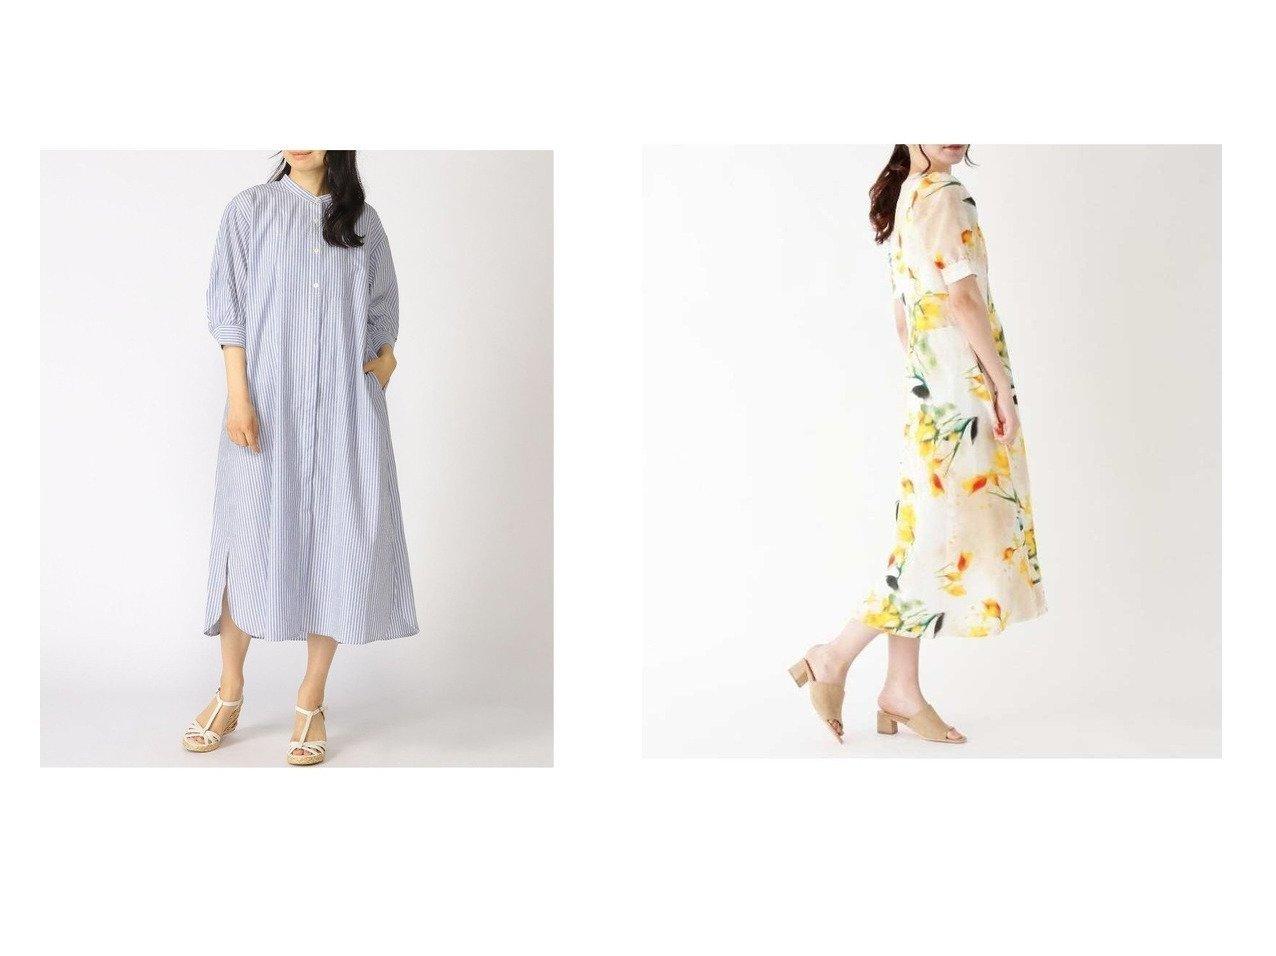 【ITS' DEMO/イッツデモ】のplantica ワンピース&【GLOBAL WORK/グローバルワーク】のケアラクリネンボザムOP 【プチプライス・低価格】おすすめ!人気、トレンド・レディースファッションの通販 おすすめで人気の流行・トレンド、ファッションの通販商品 インテリア・家具・メンズファッション・キッズファッション・レディースファッション・服の通販 founy(ファニー) https://founy.com/ ファッション Fashion レディースファッション WOMEN ワンピース Dress マキシワンピース Maxi Dress グラデーション シェイプ デコルテ フラワー フレア プリント マキシ ロング ワイド バランス フロント 長袖  ID:crp329100000055335